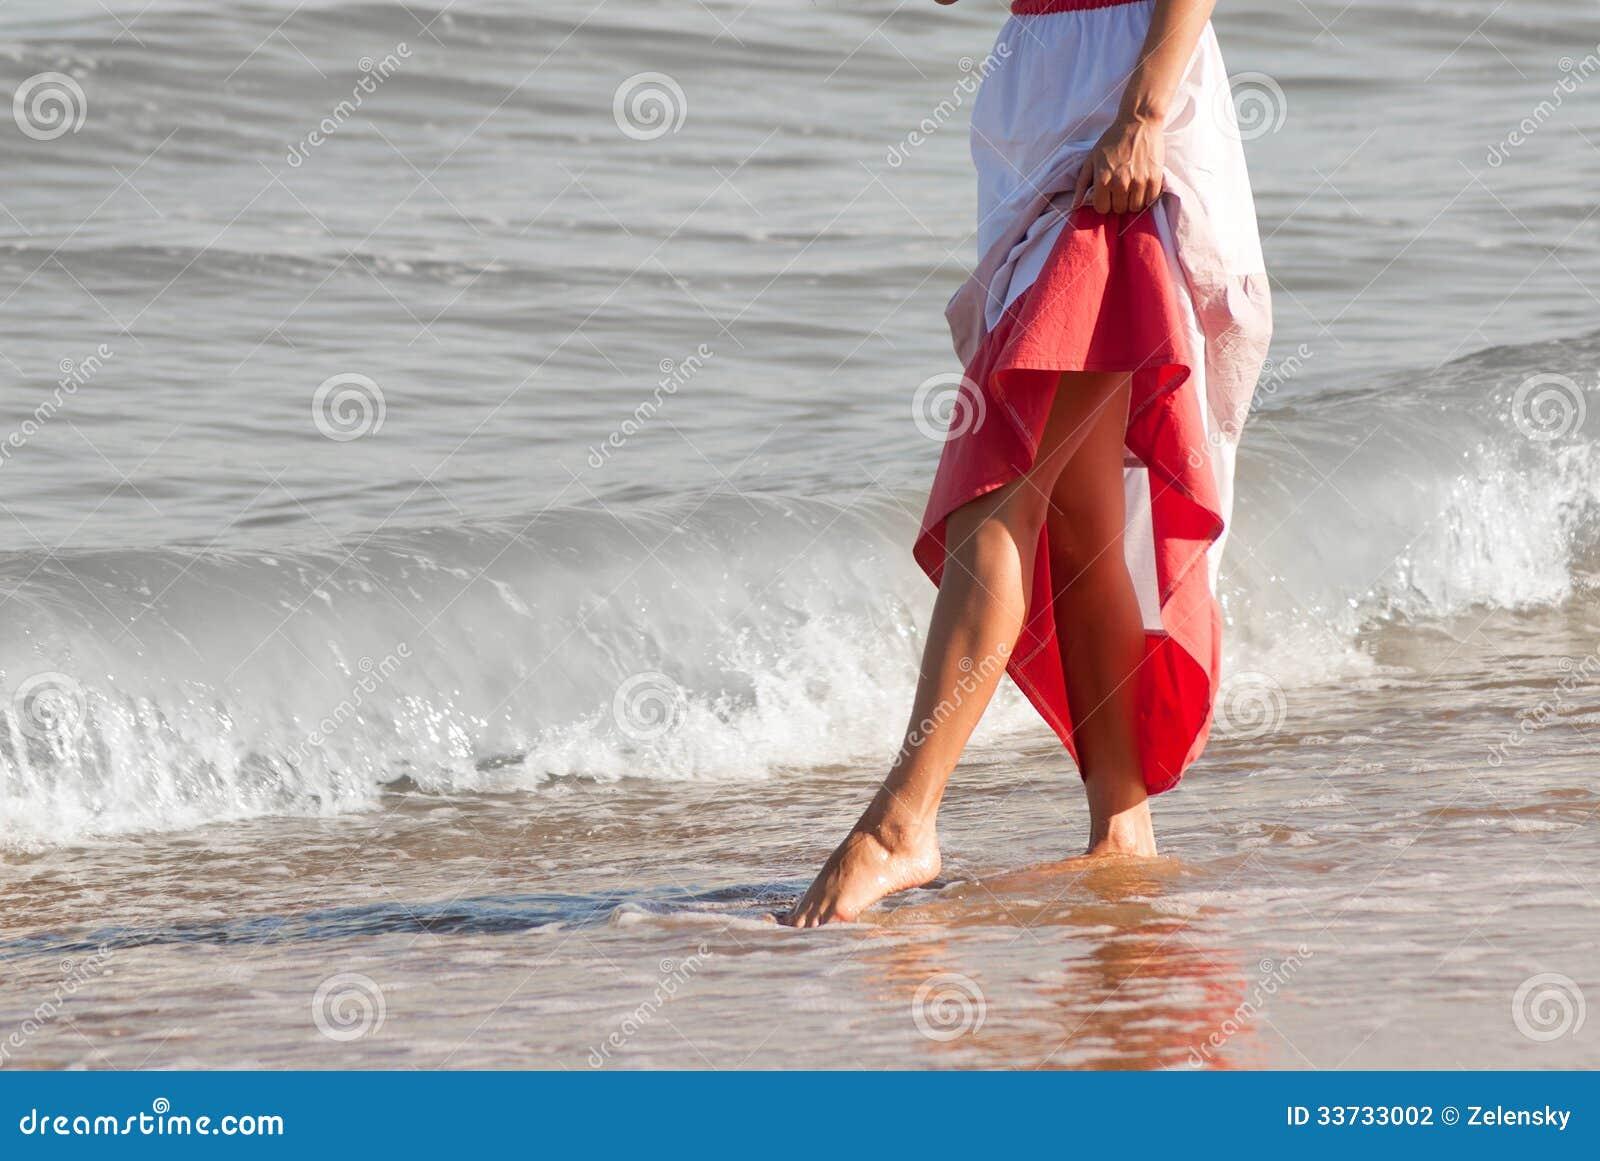 Samotny kobiety odprowadzenie na plaży